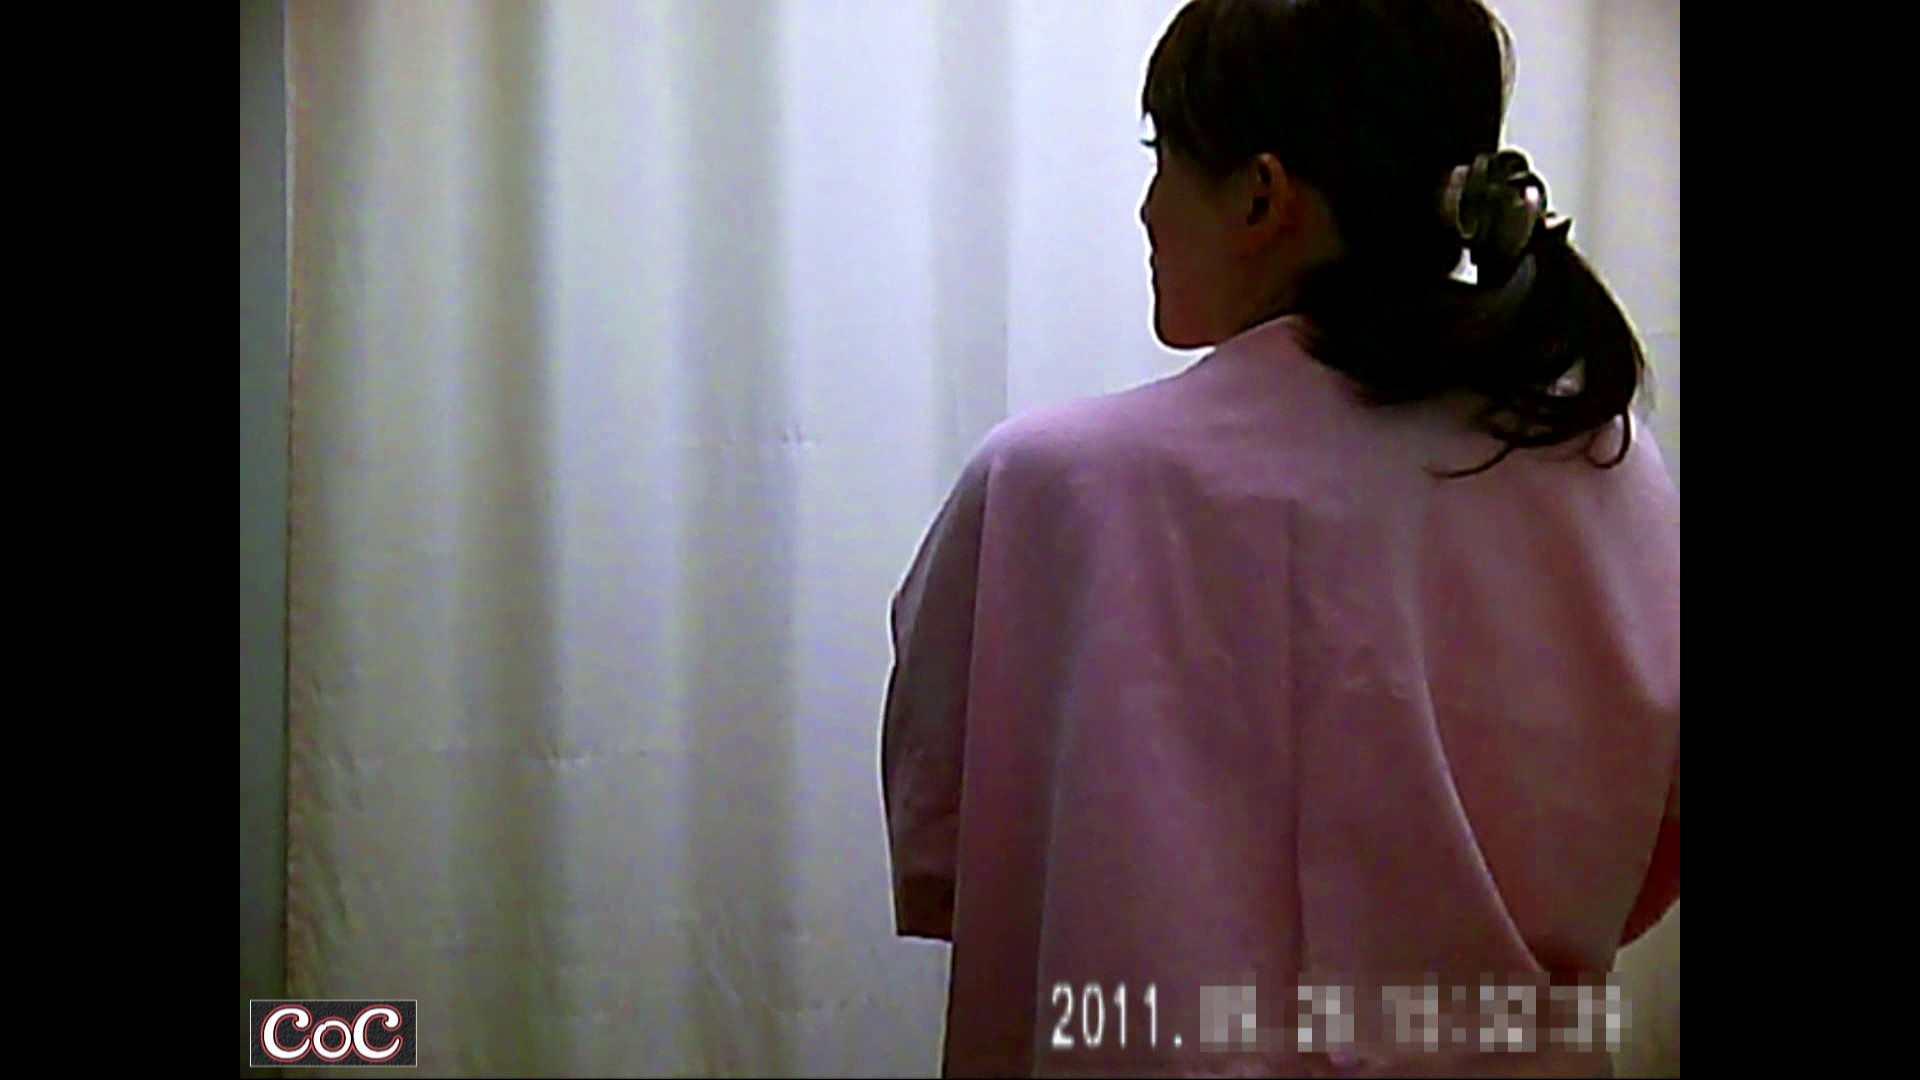 病院おもいっきり着替え! vol.35 おっぱい 盗撮動画紹介 103PICs 11